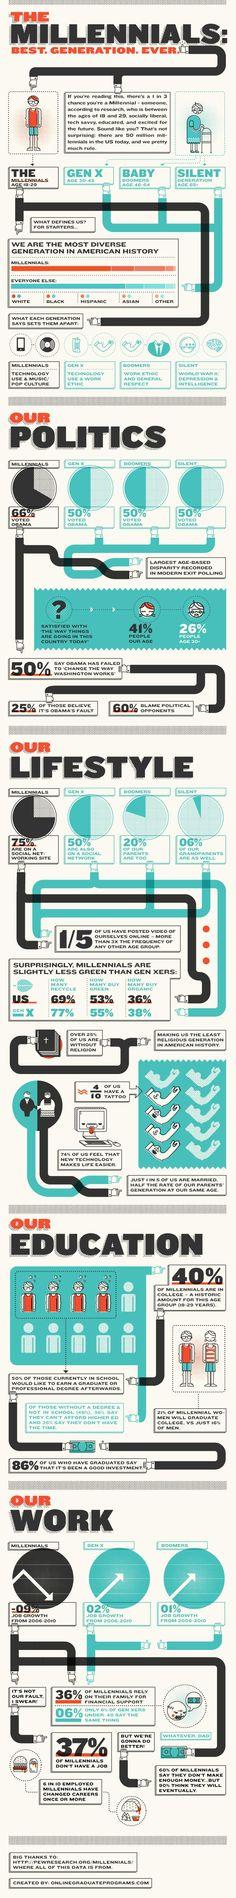 Amerika'da Y Kuşağının %37'si İşsiz! #millennials